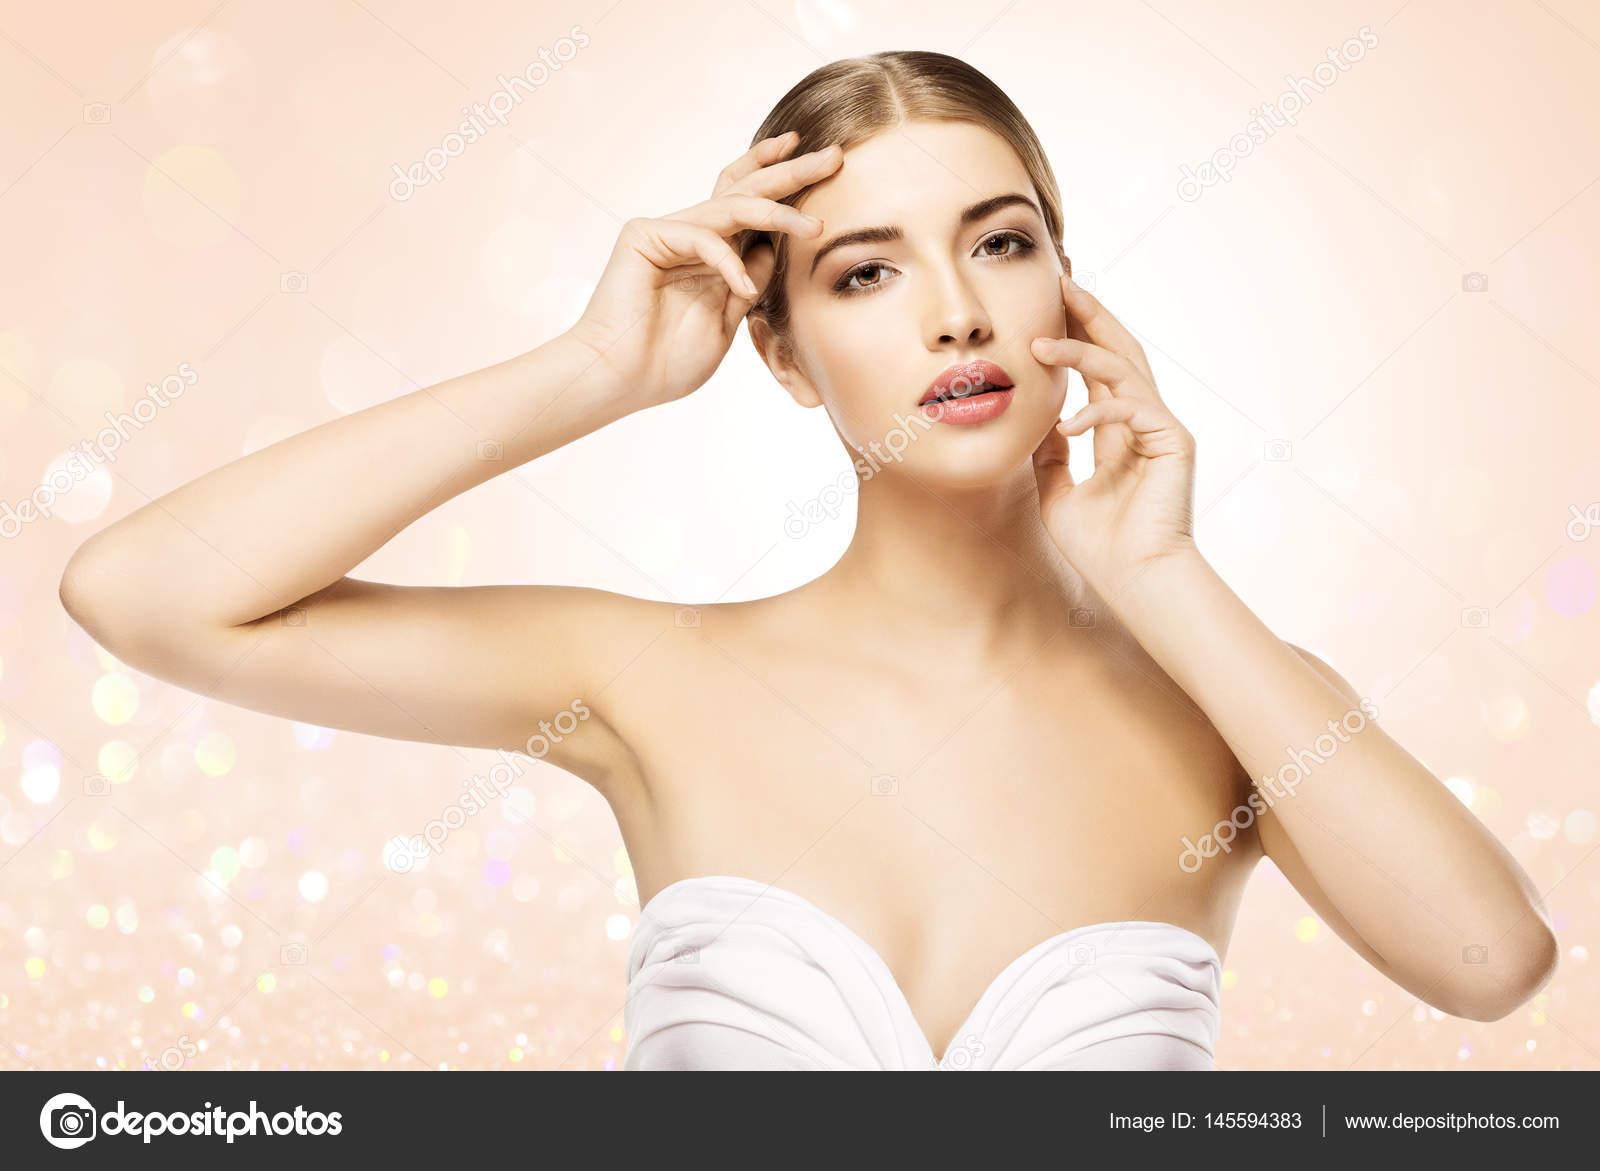 Woman Touching Face, Beauty Model Skin Care, Beautiful Girl